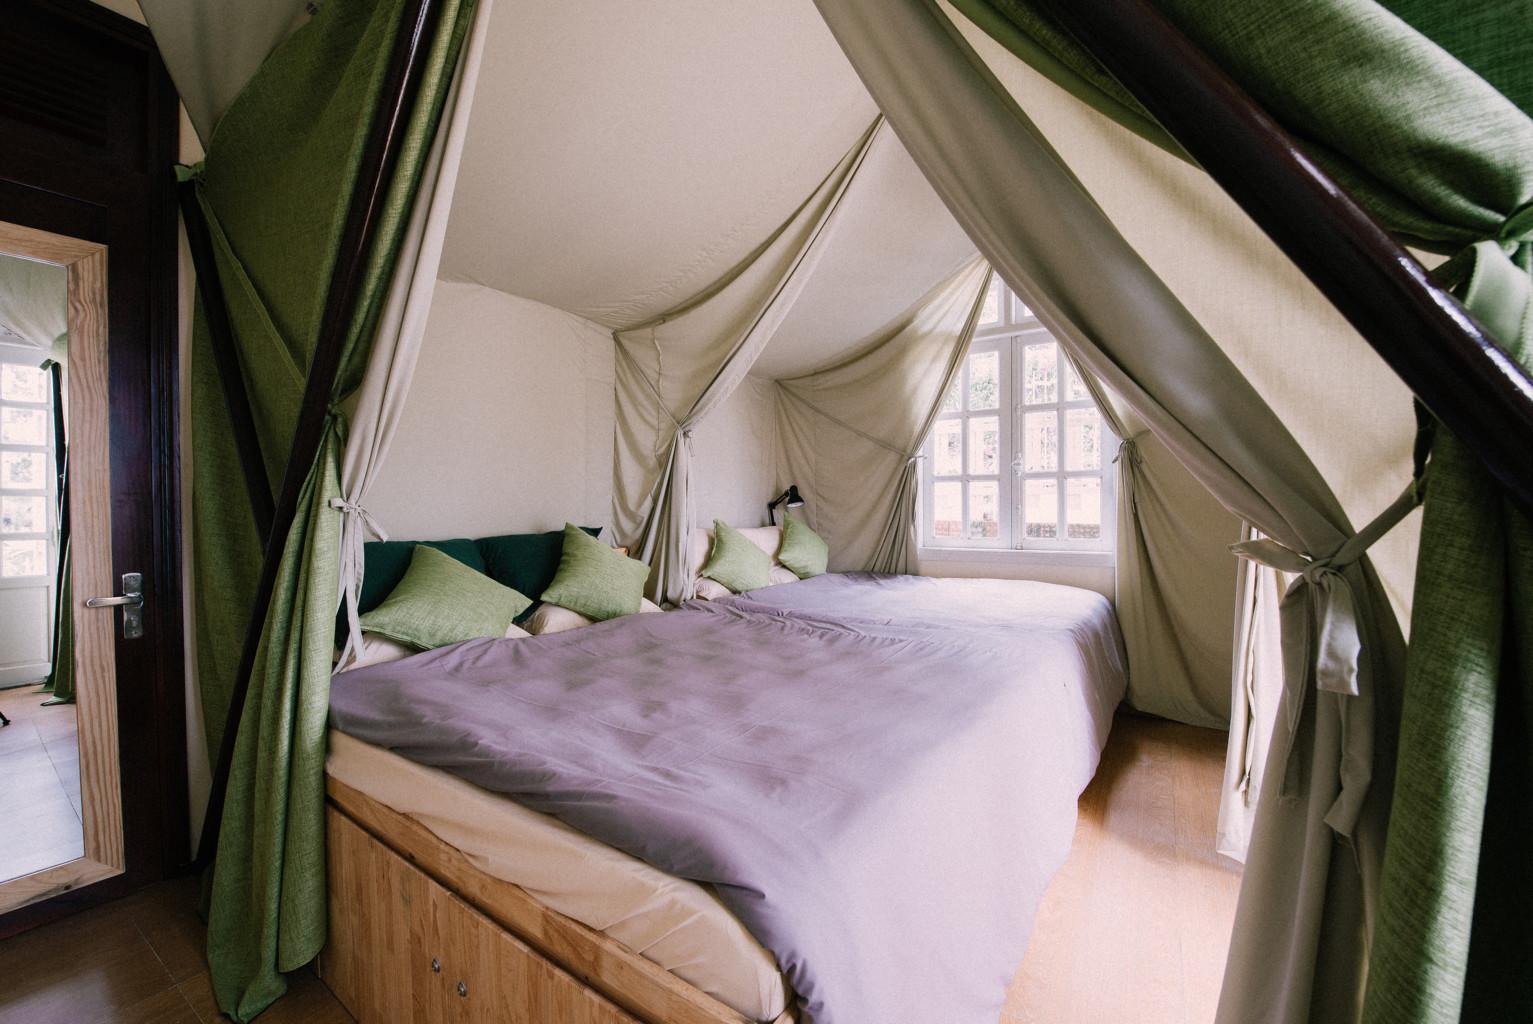 Cách thiết kế phòng đặc biệt ở YOLO Camping House